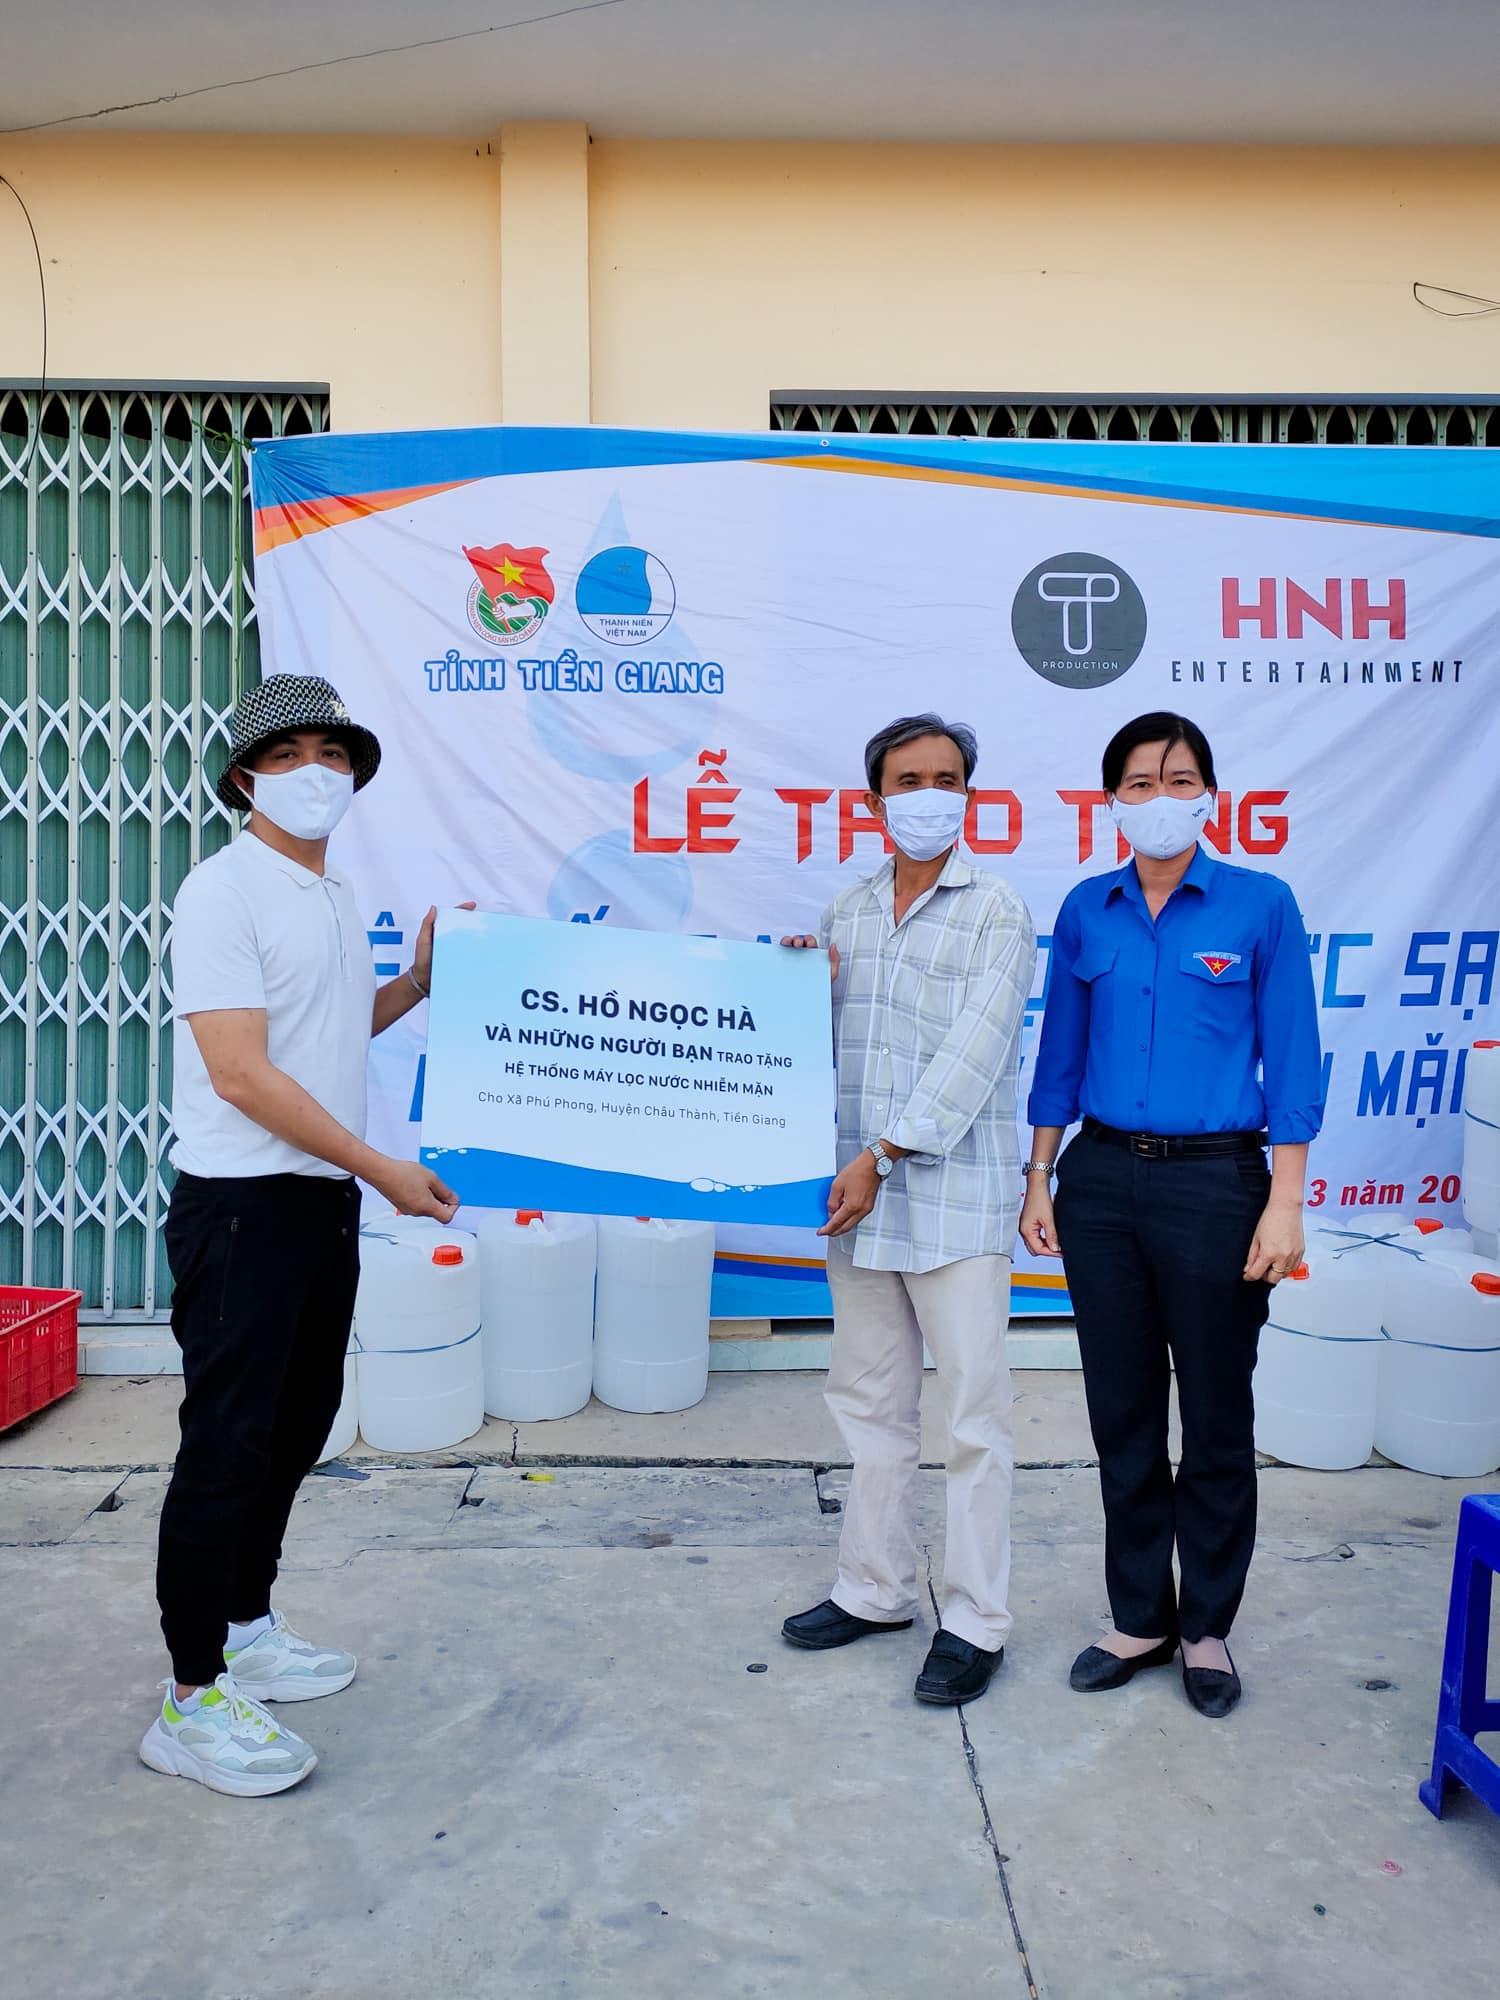 Đại diện Hồ Ngọc Hà trao tặng hệ thống máy lọc nước cho Tiền Giang